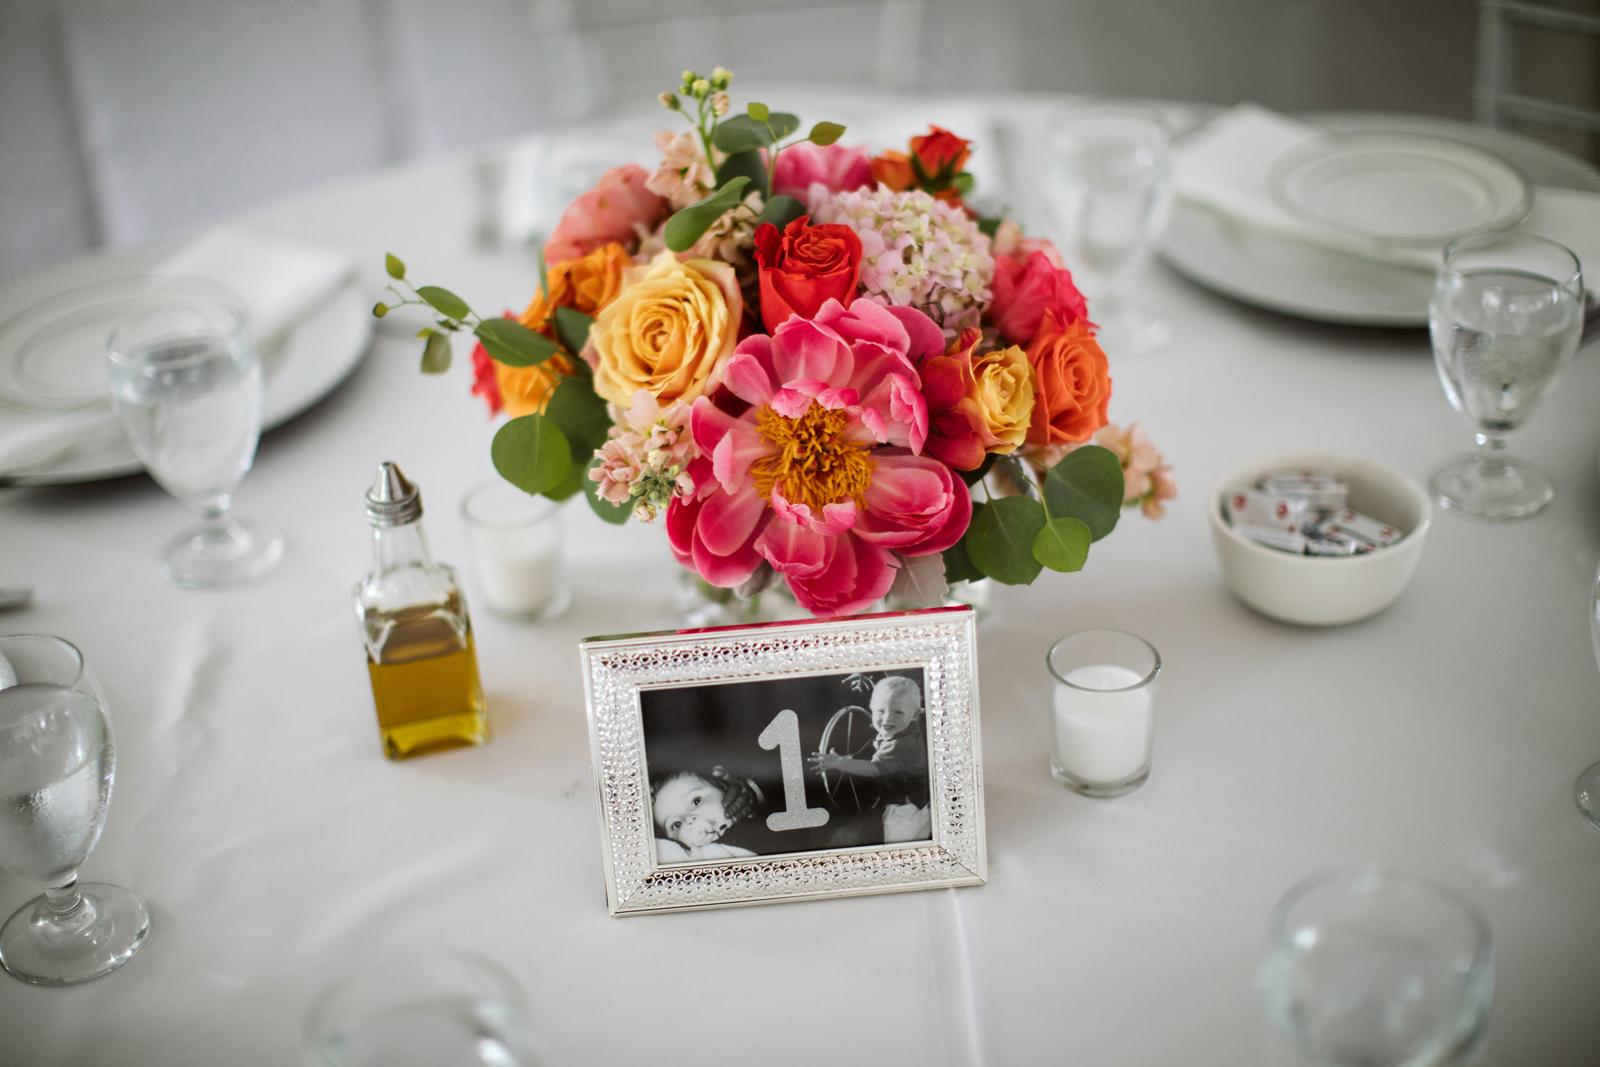 060-daronjackson-gabby-alec-wedding.jpg